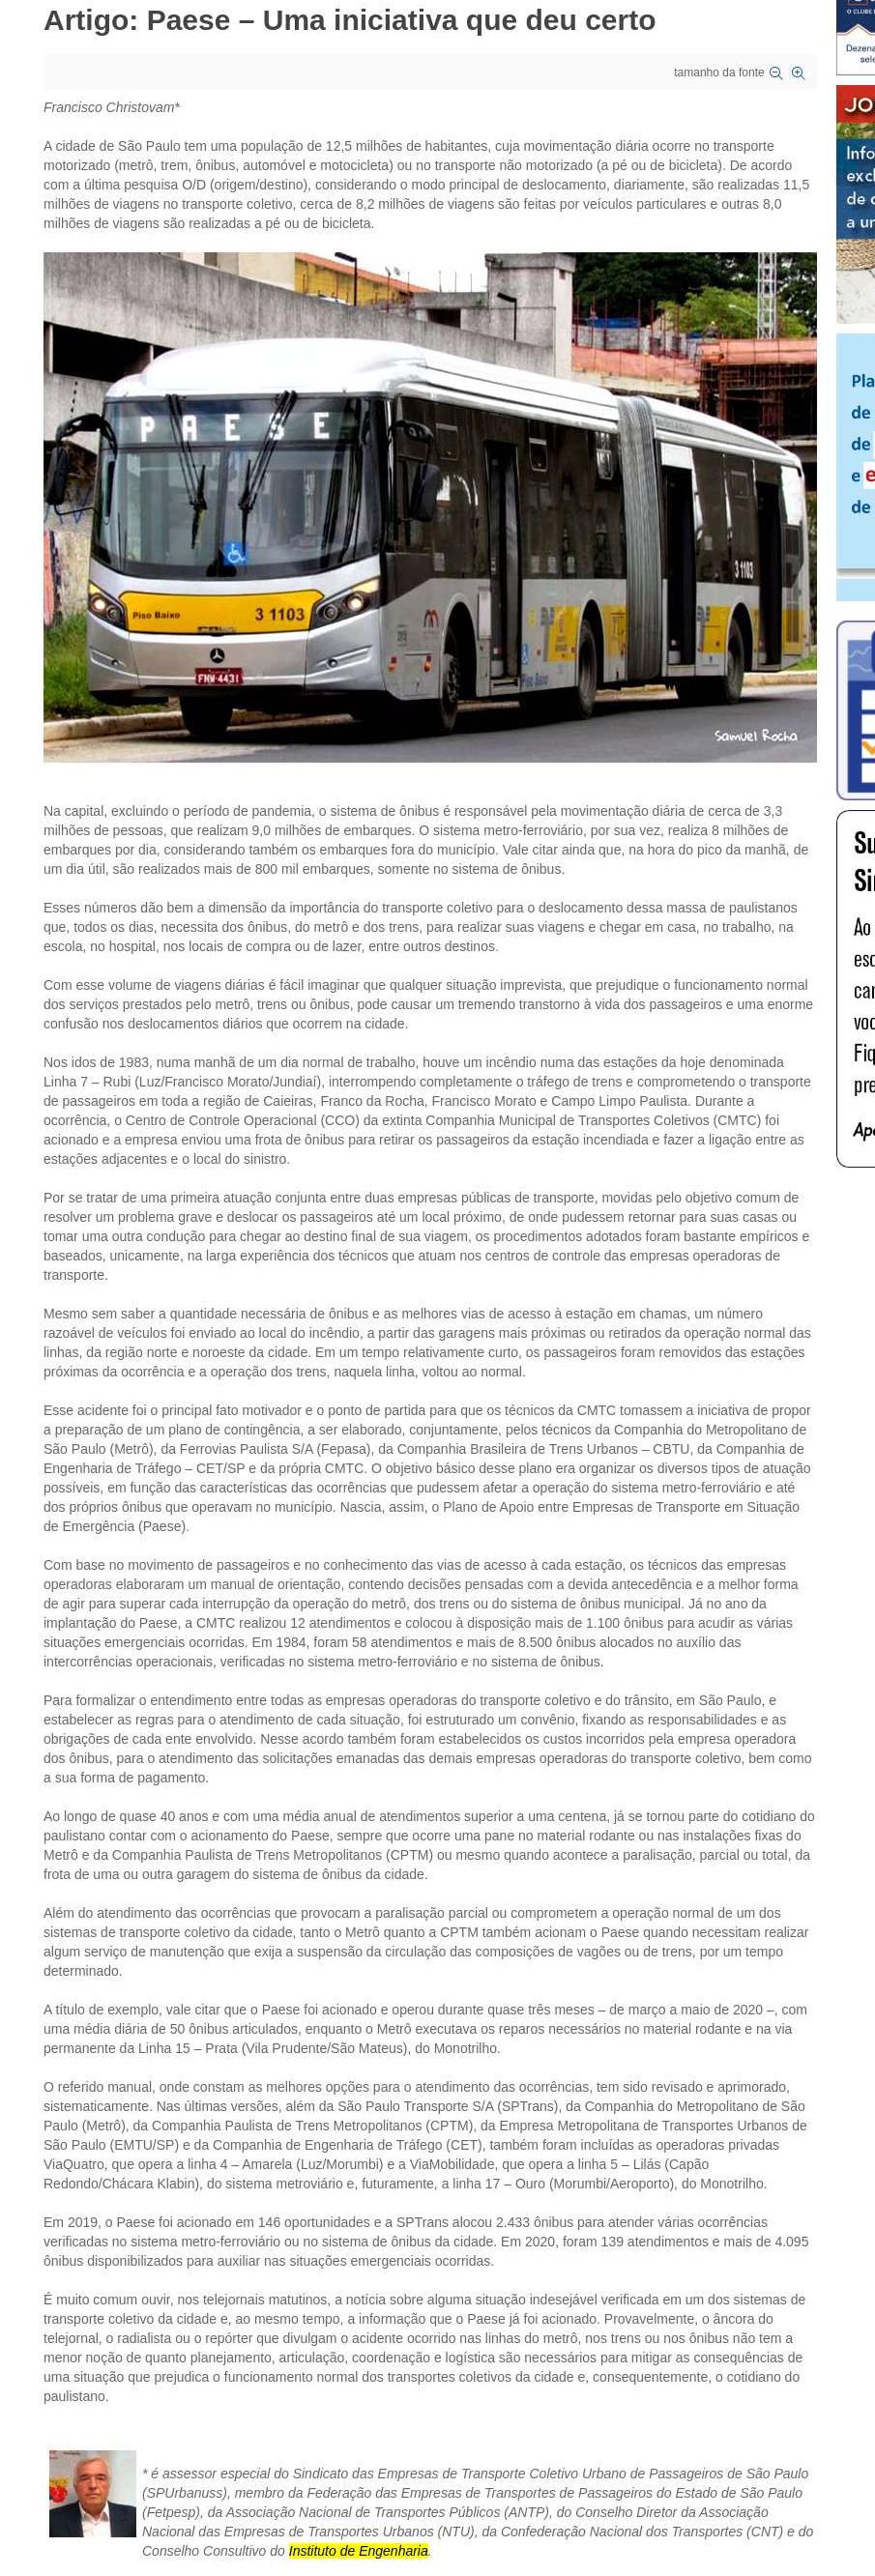 Artigo: Paese - Uma iniciativa que deu certo - SEESP